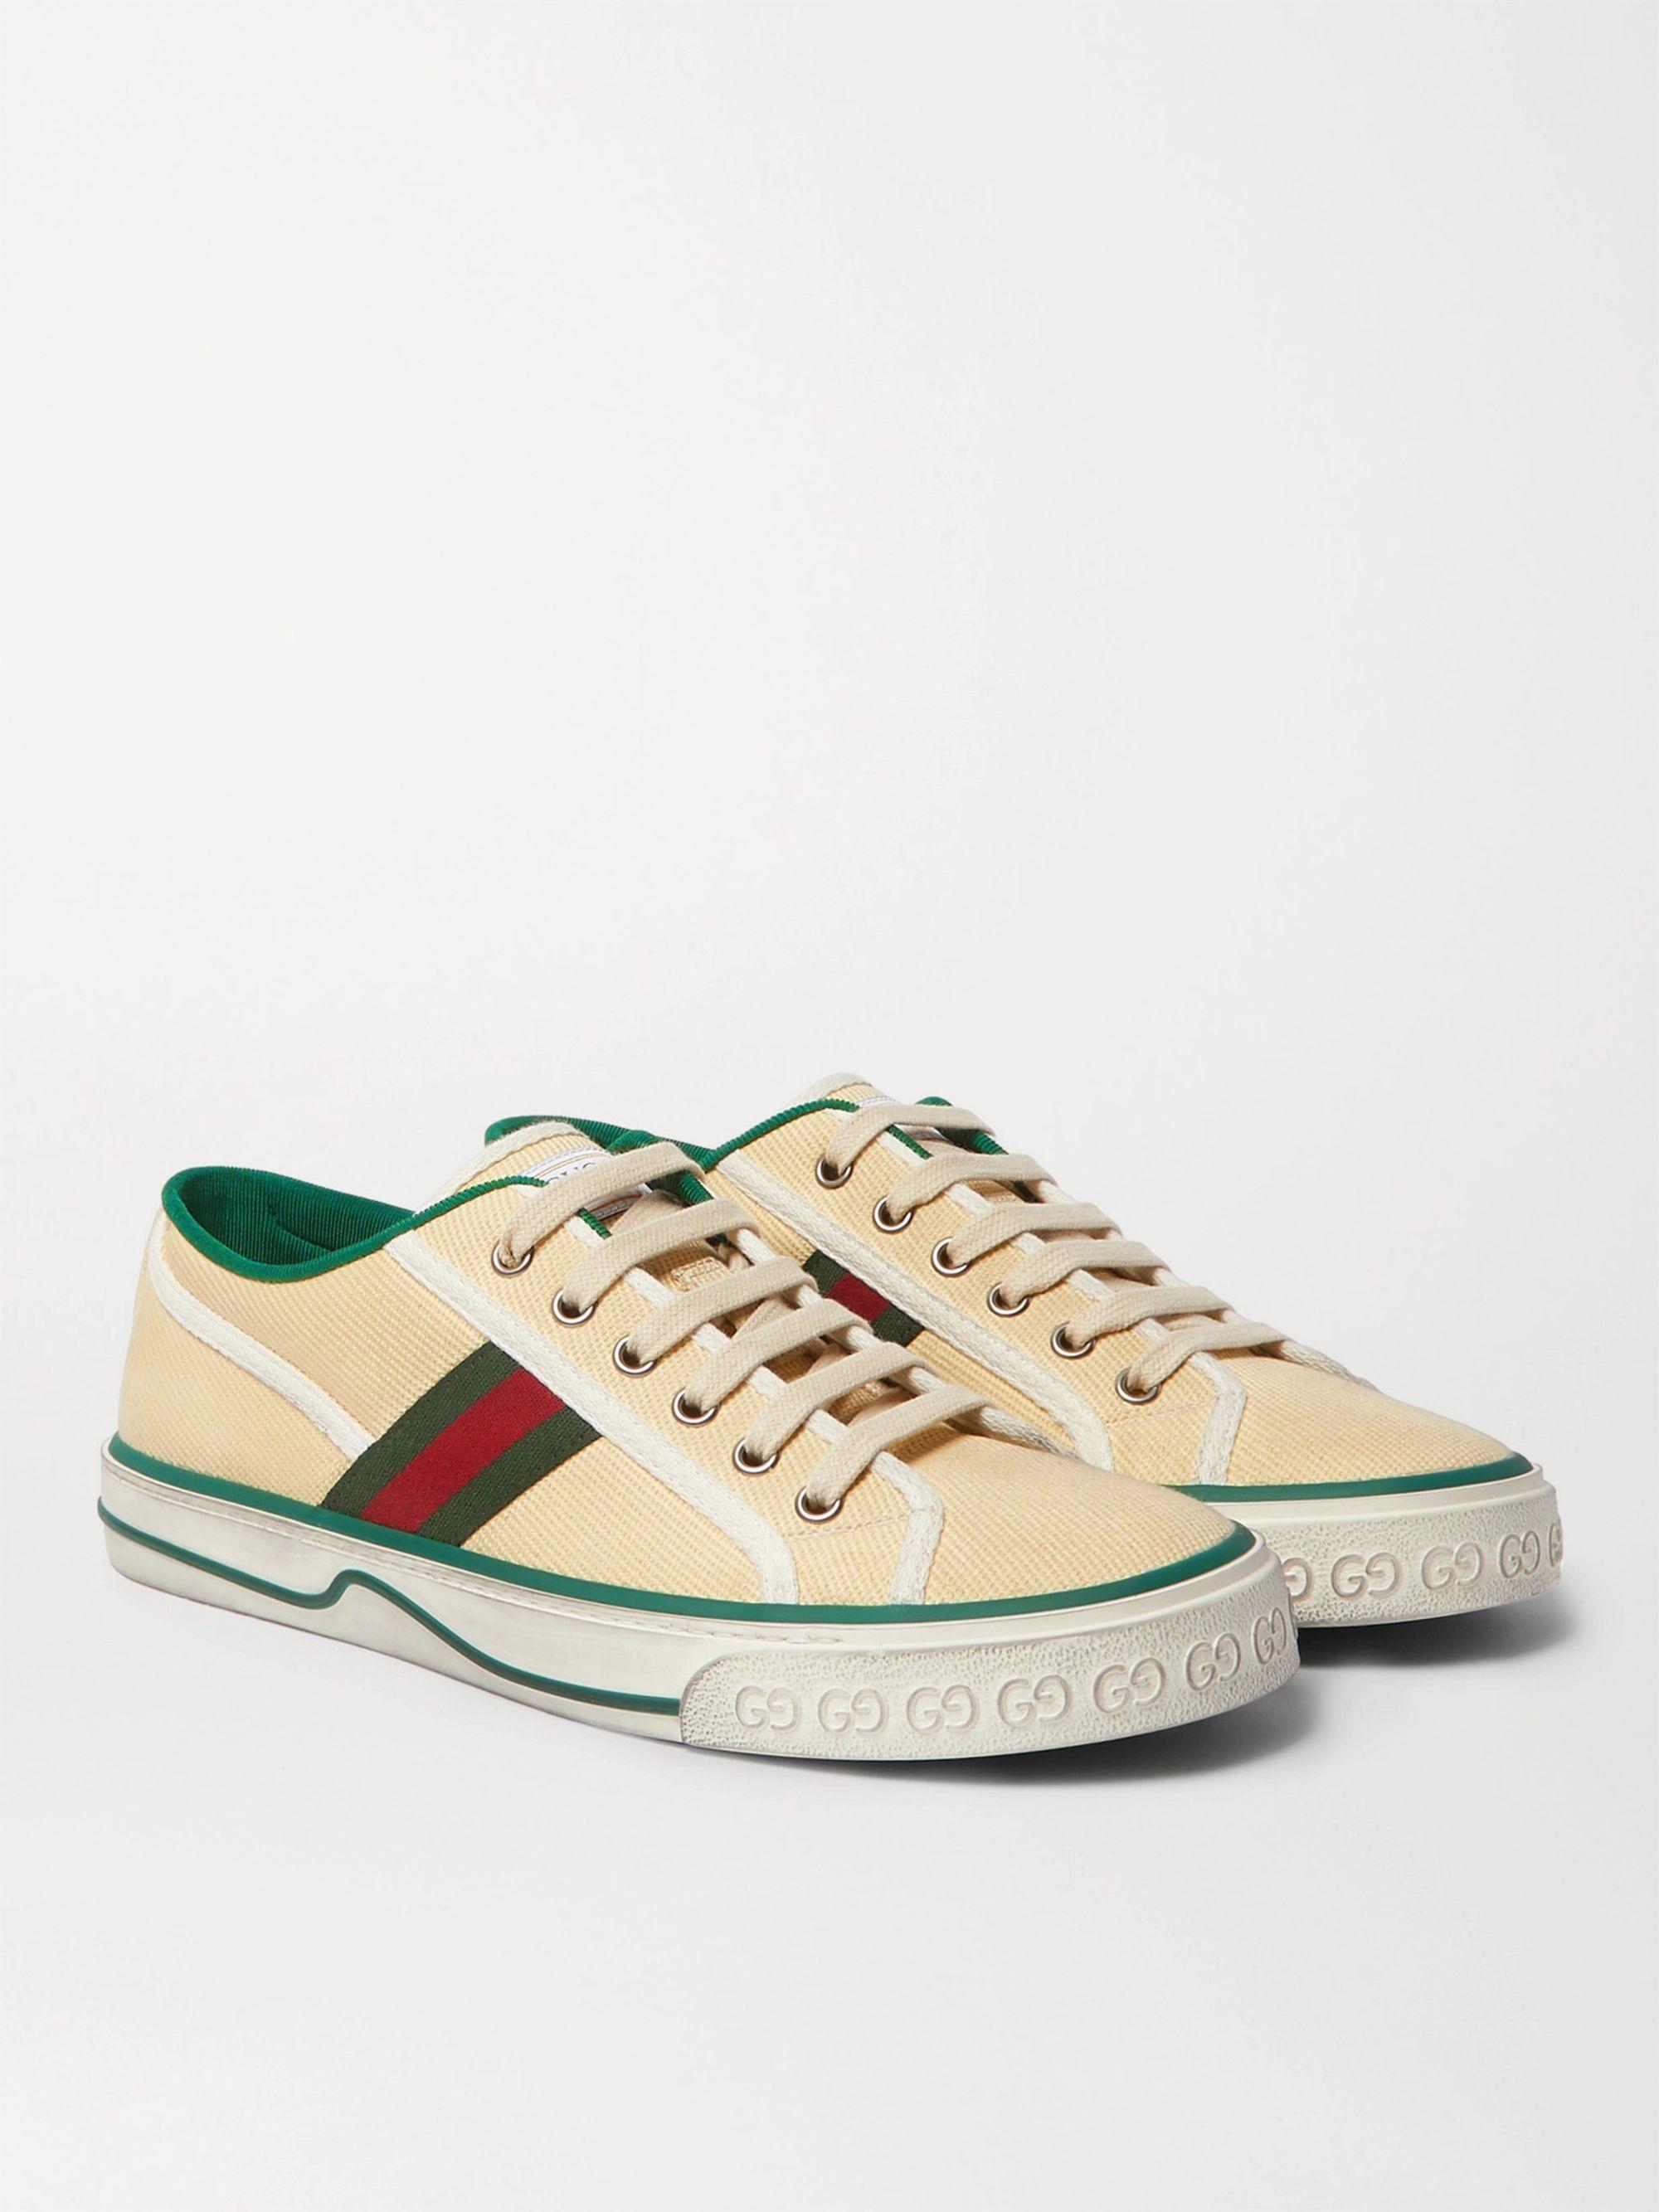 구찌 Gucci Distressed Canvas and Webbing Sneakers,Cream